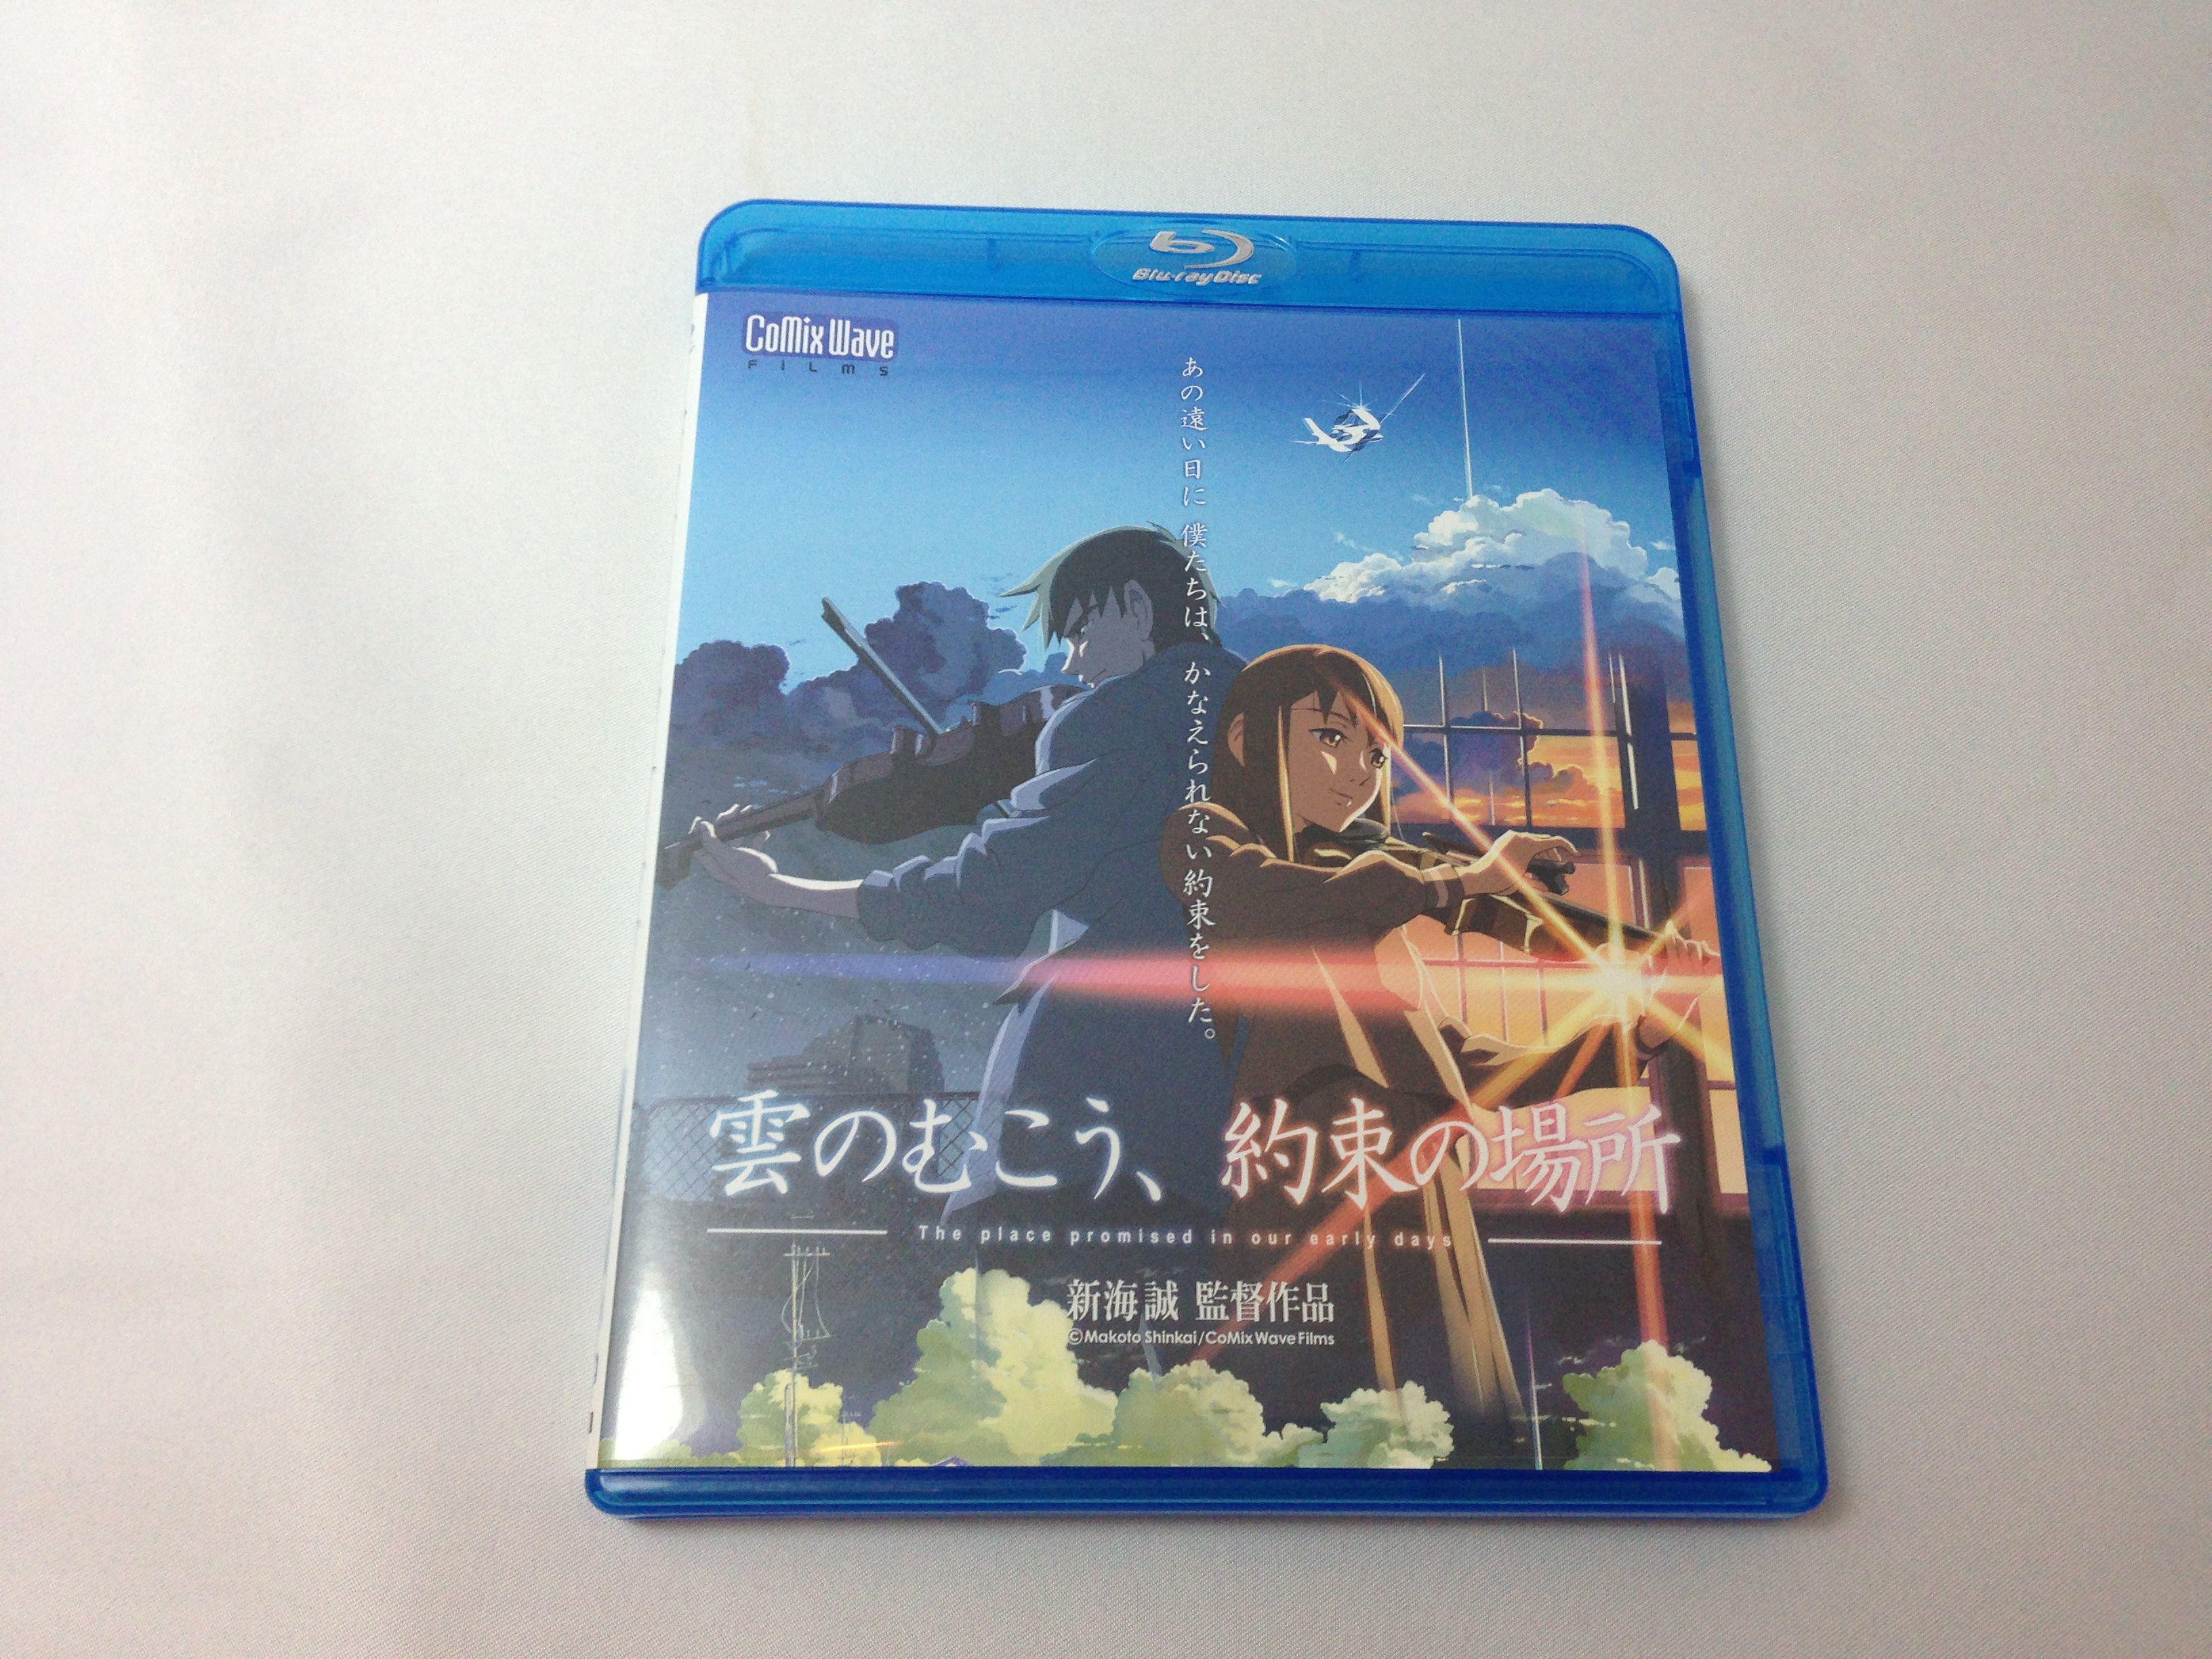 雲のむこう、約束の場所、Blu-rayブルーレイ、劇場版アニメーション新品!